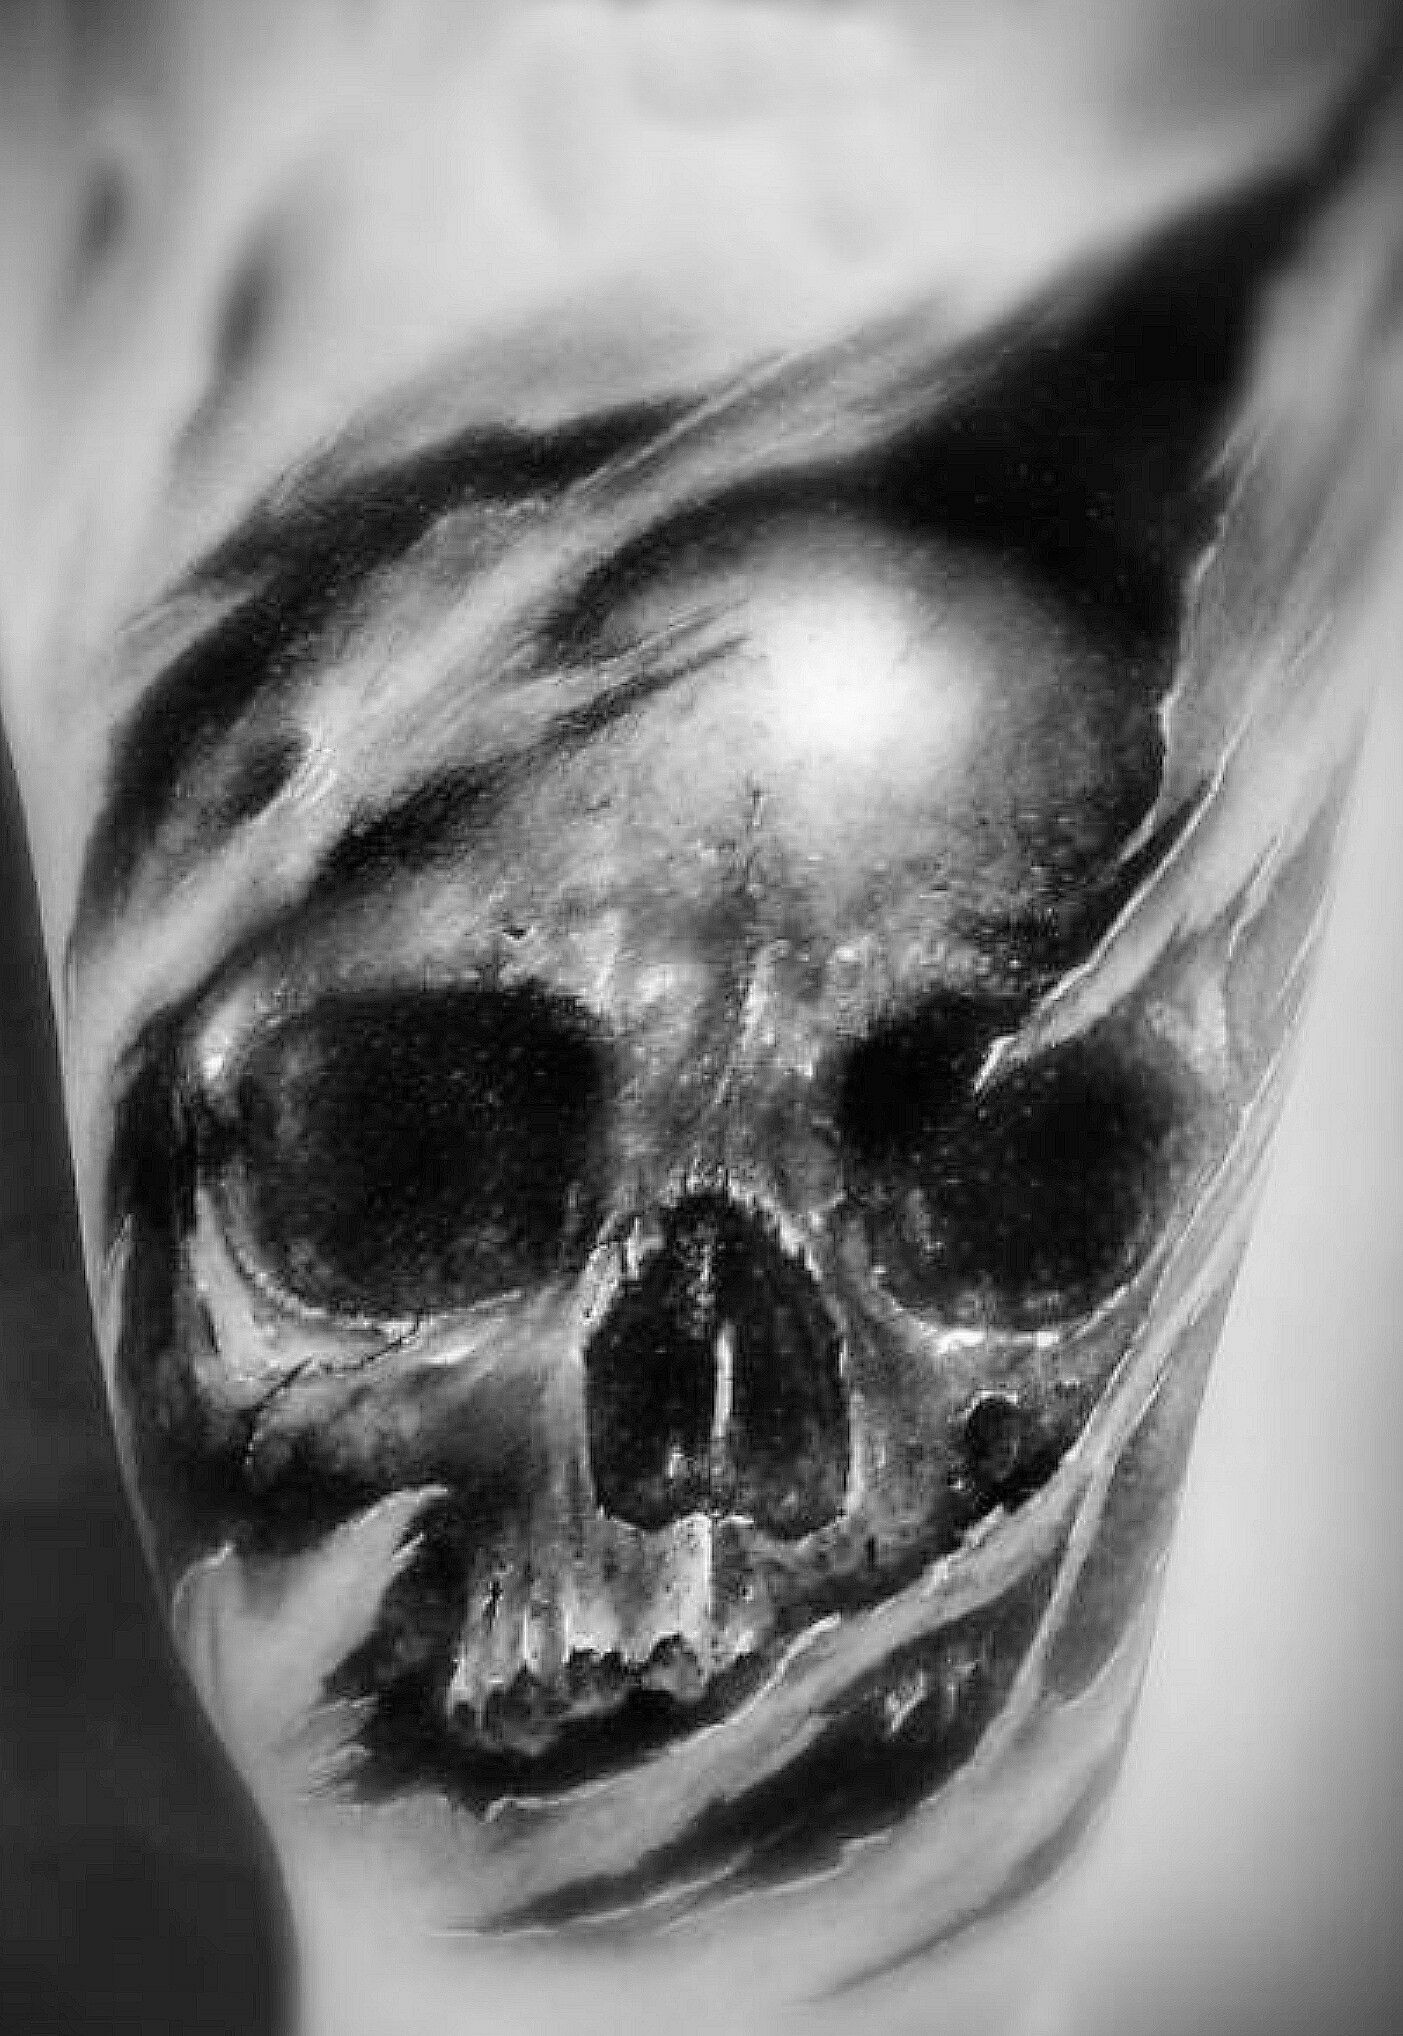 Pin by Rendell lipkin on skulls | Ripped skin tattoo ...